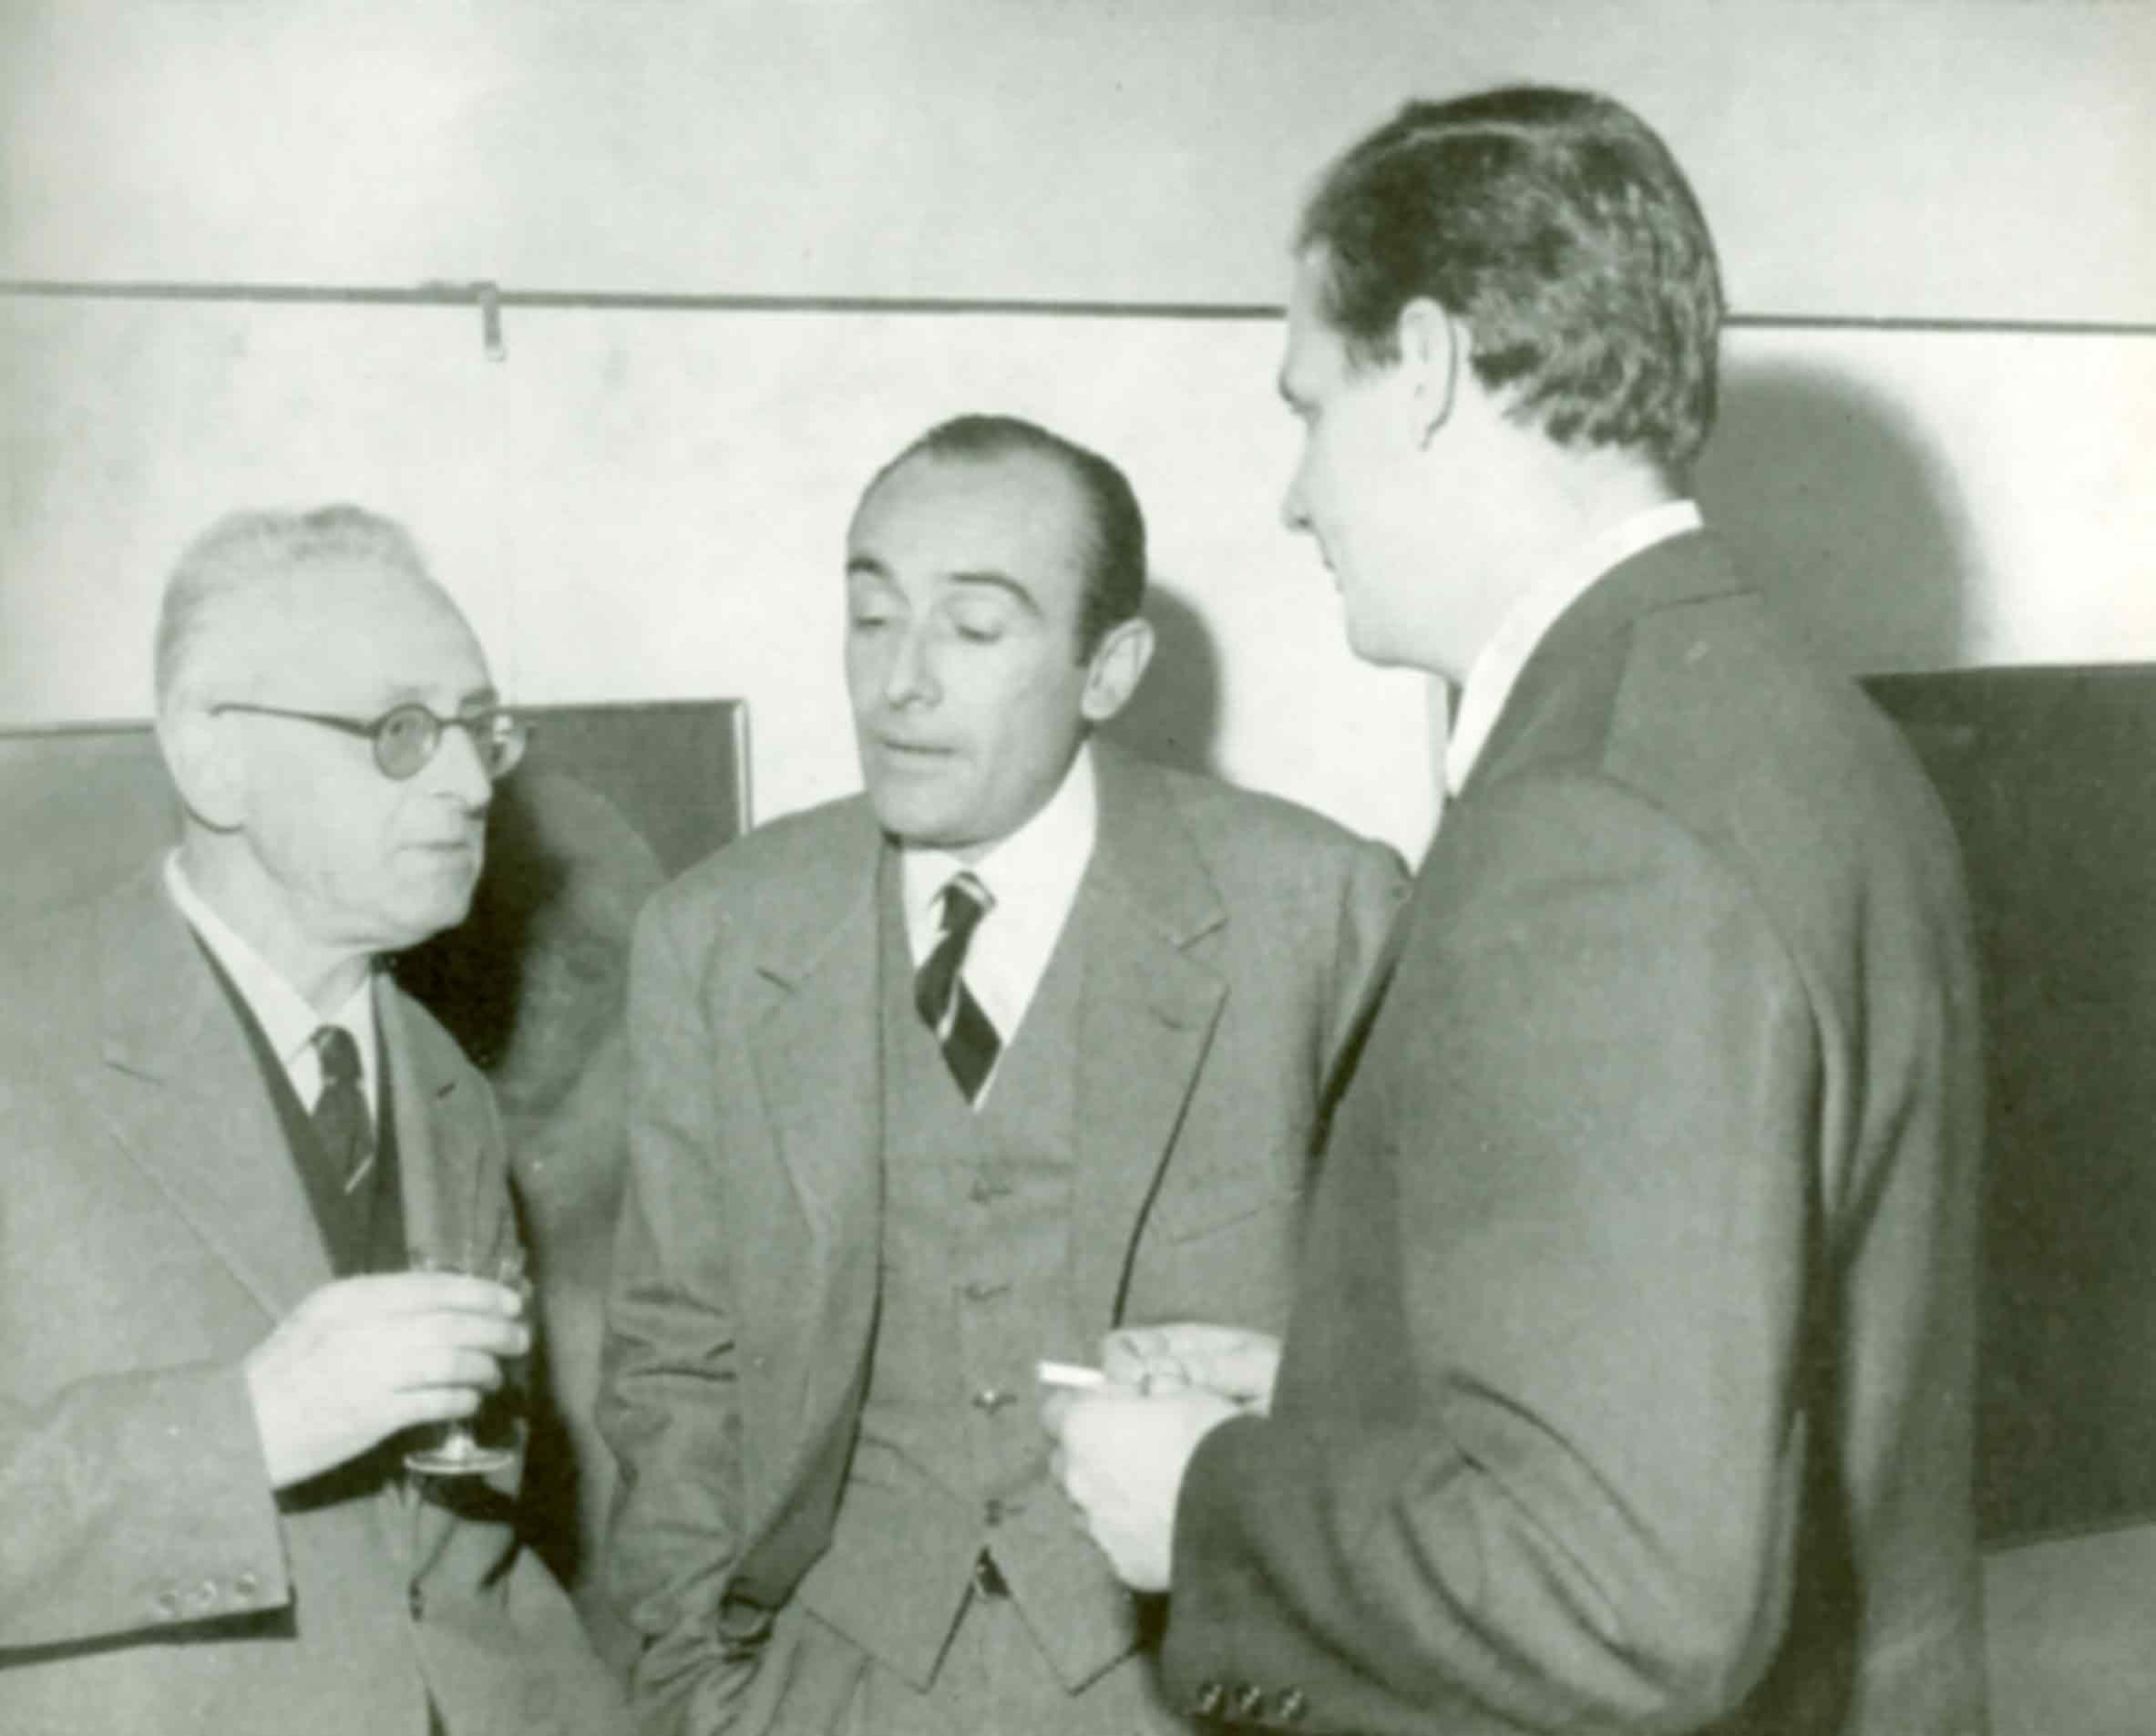 G. Pedrocco, OPERAI ED ARTIGIANI BOLOGNESI NELLA NARRATIVA DI GIUSEPPE RAIMONDI